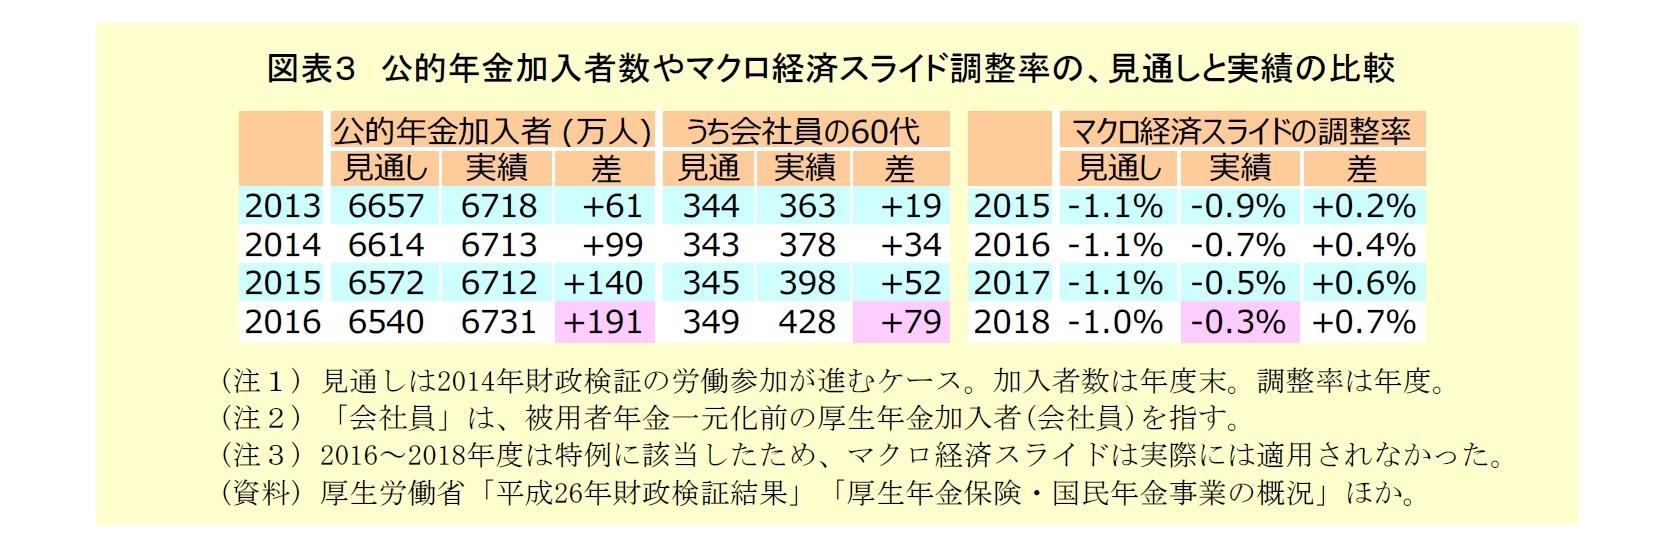 図表3:公的年金加入者数やマクロ経済スライド調整率の見通しと実績の比較